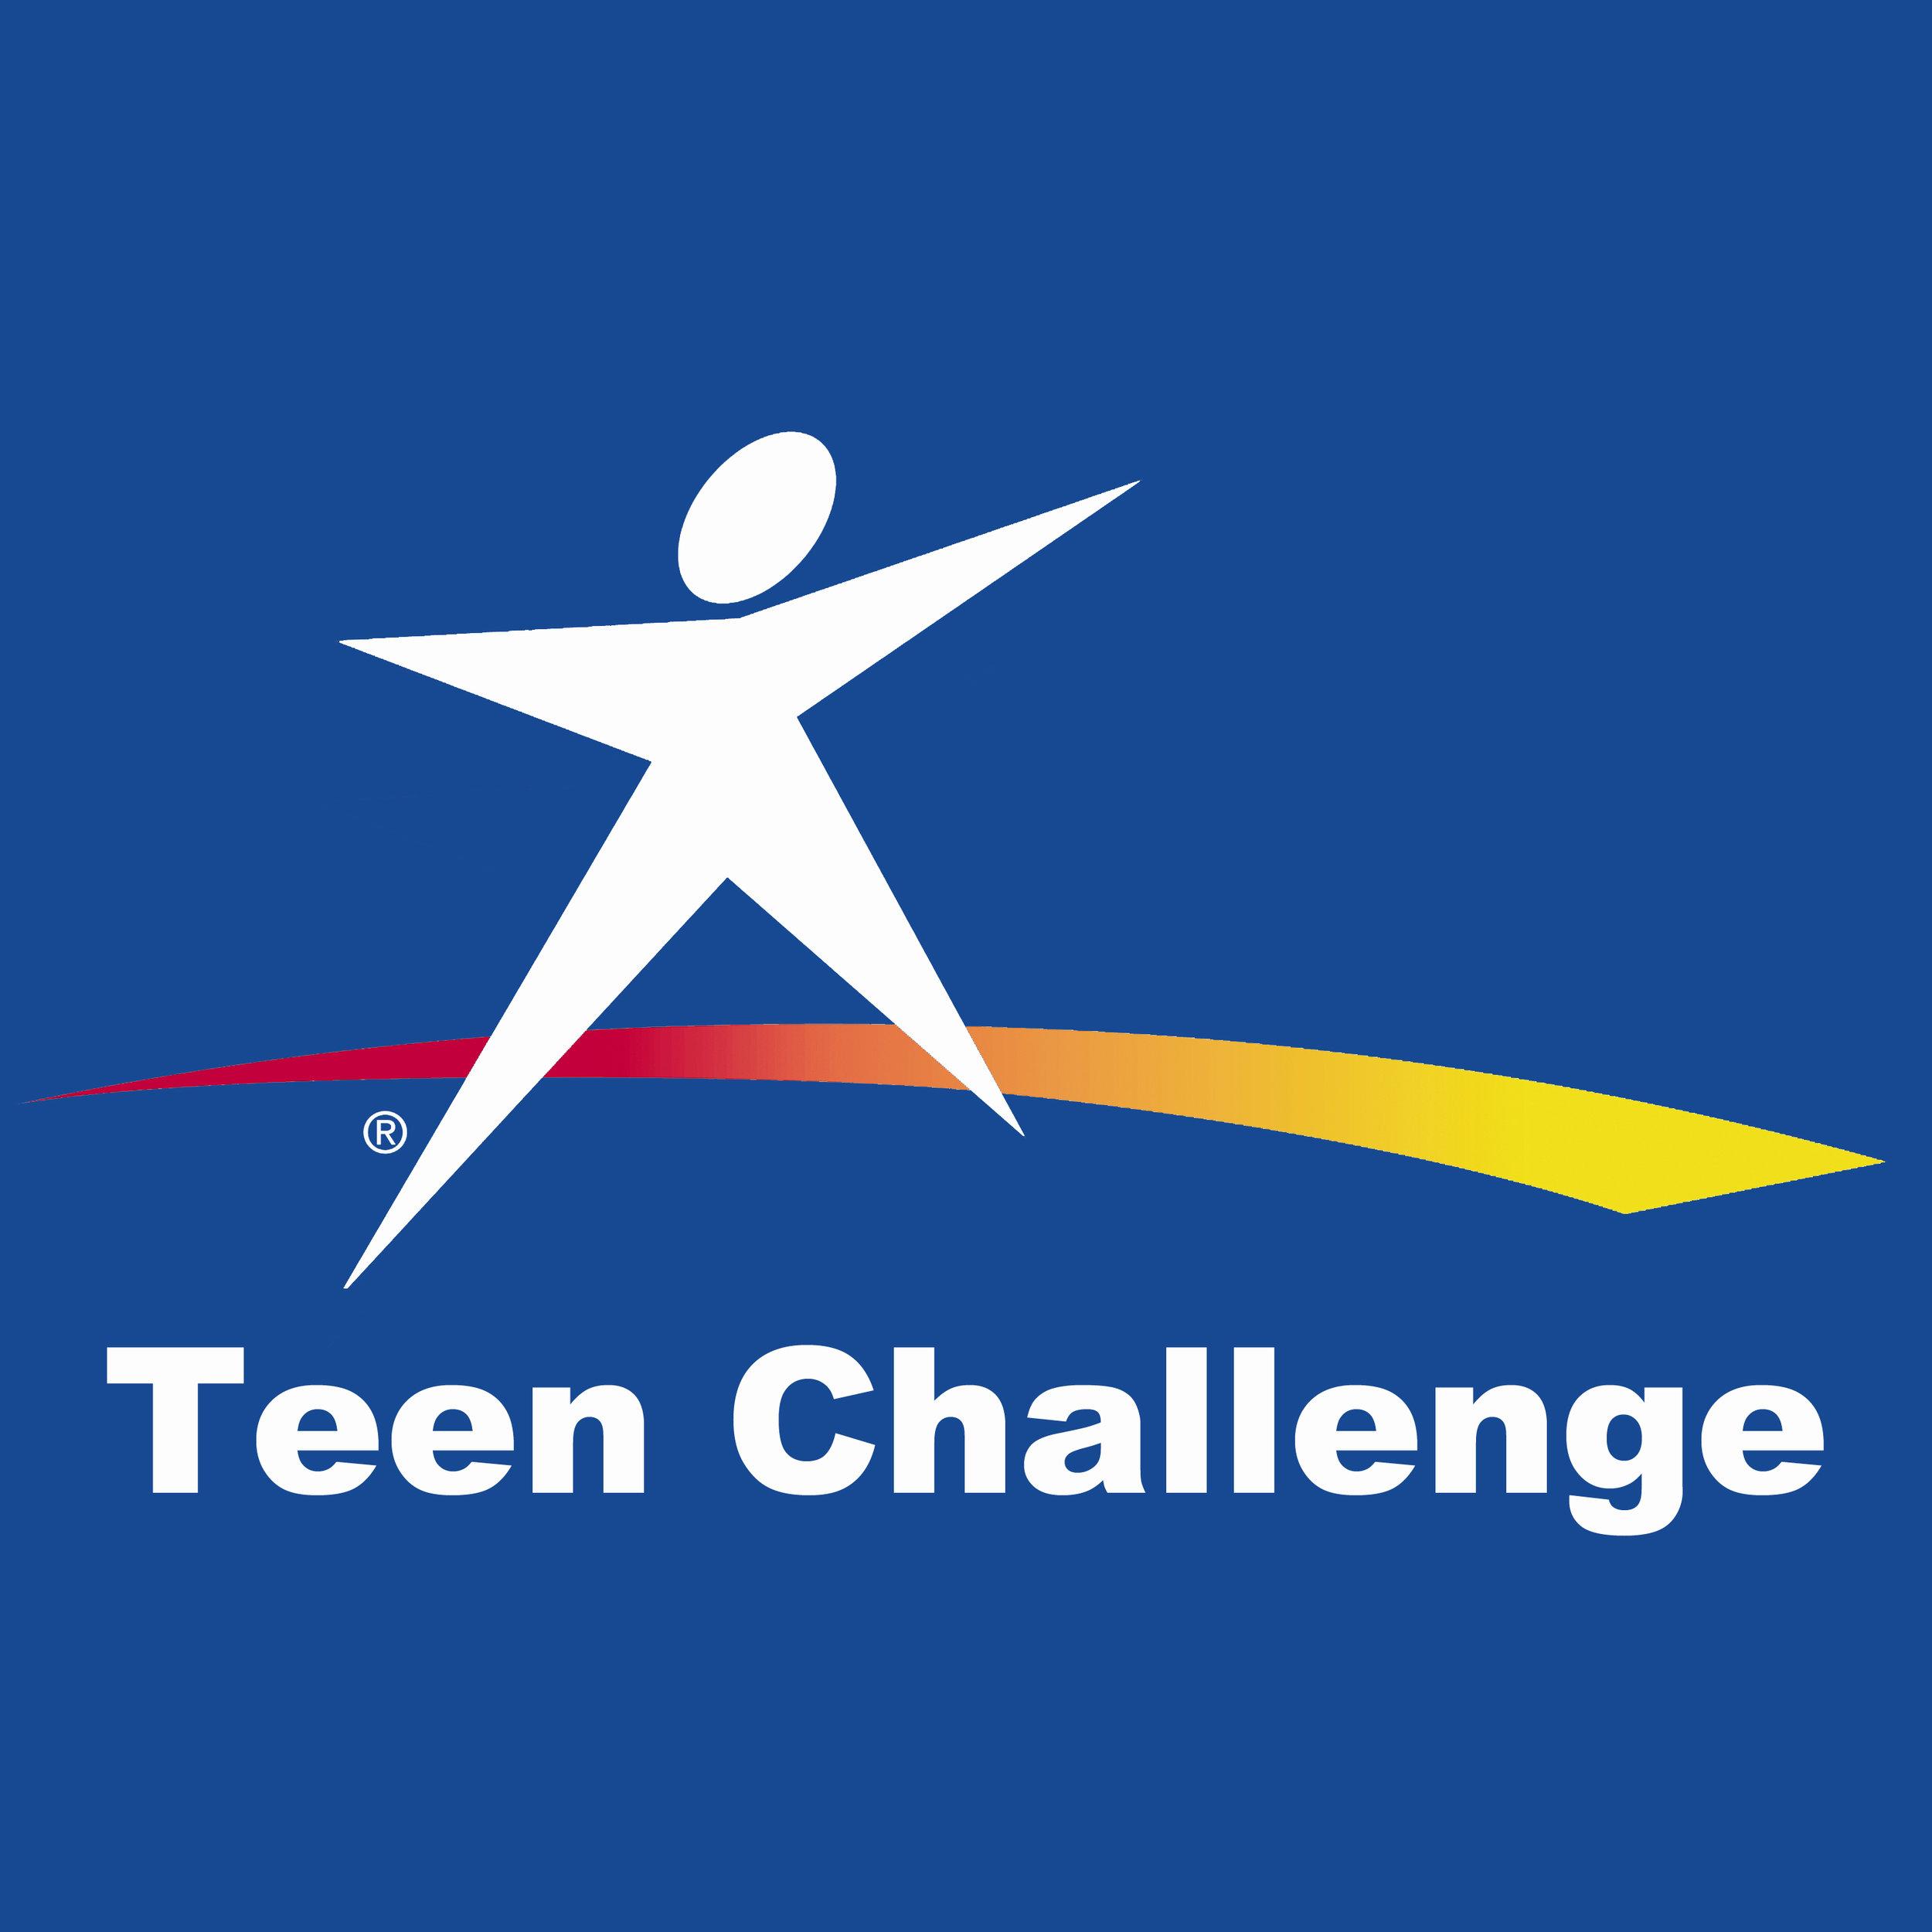 teen-challenge.jpg